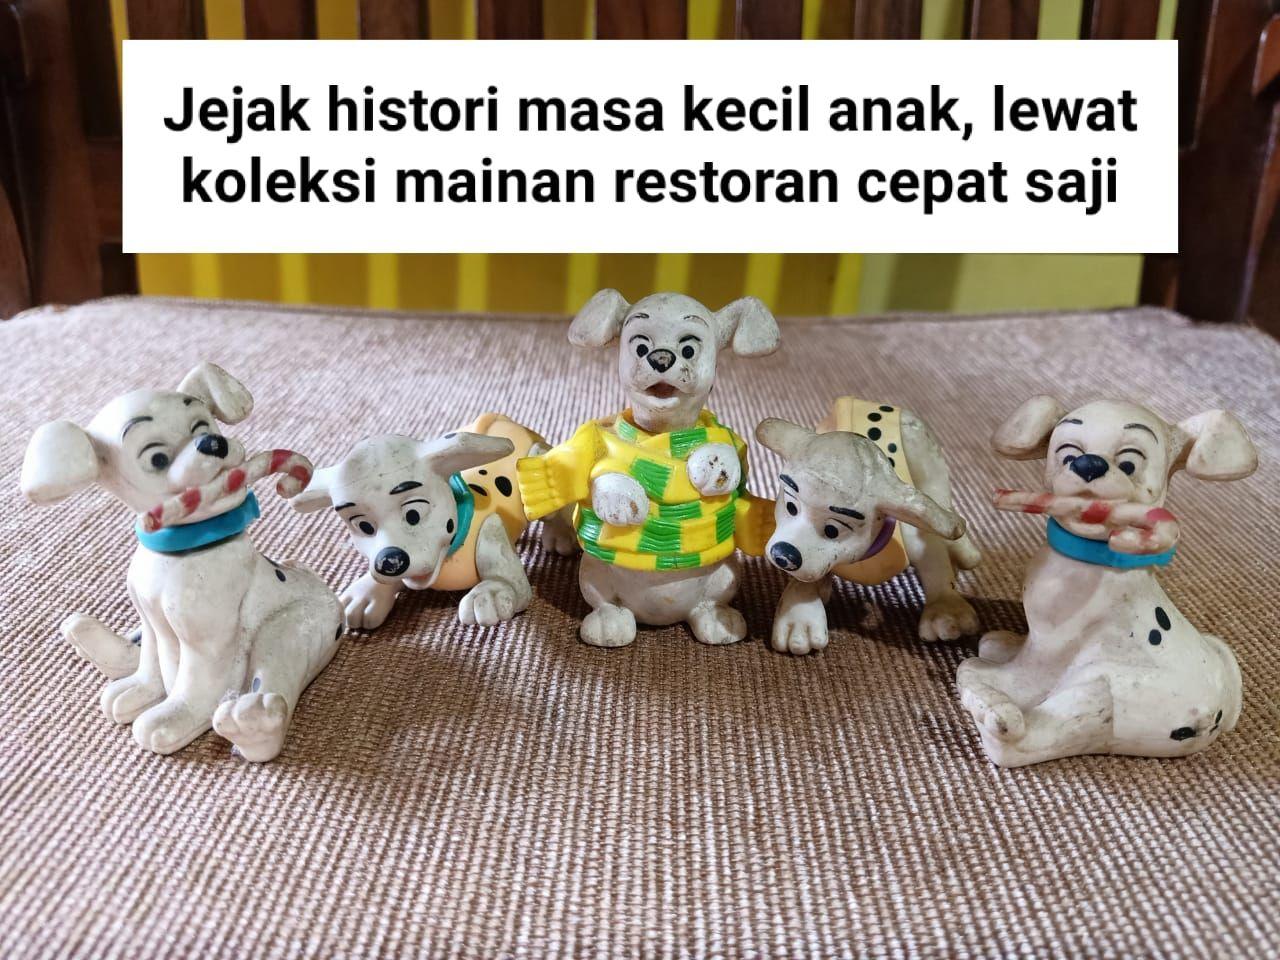 Jejak Histori Masa Kecil Anak Lewat Koleksi Mainan Restoran Cepat Saji